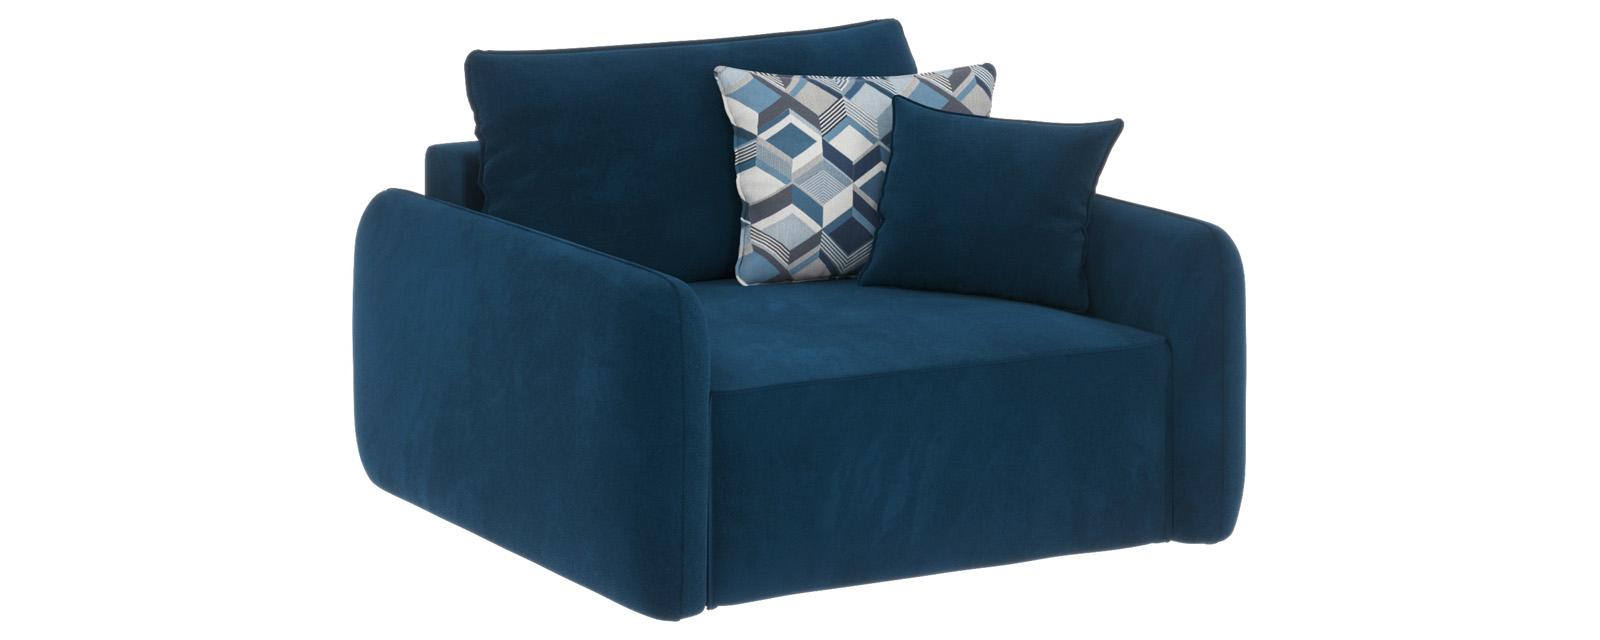 Купить Модульный диван Портленд Premier светло-синий (Микровелюр), HomeMe, Светло-синий